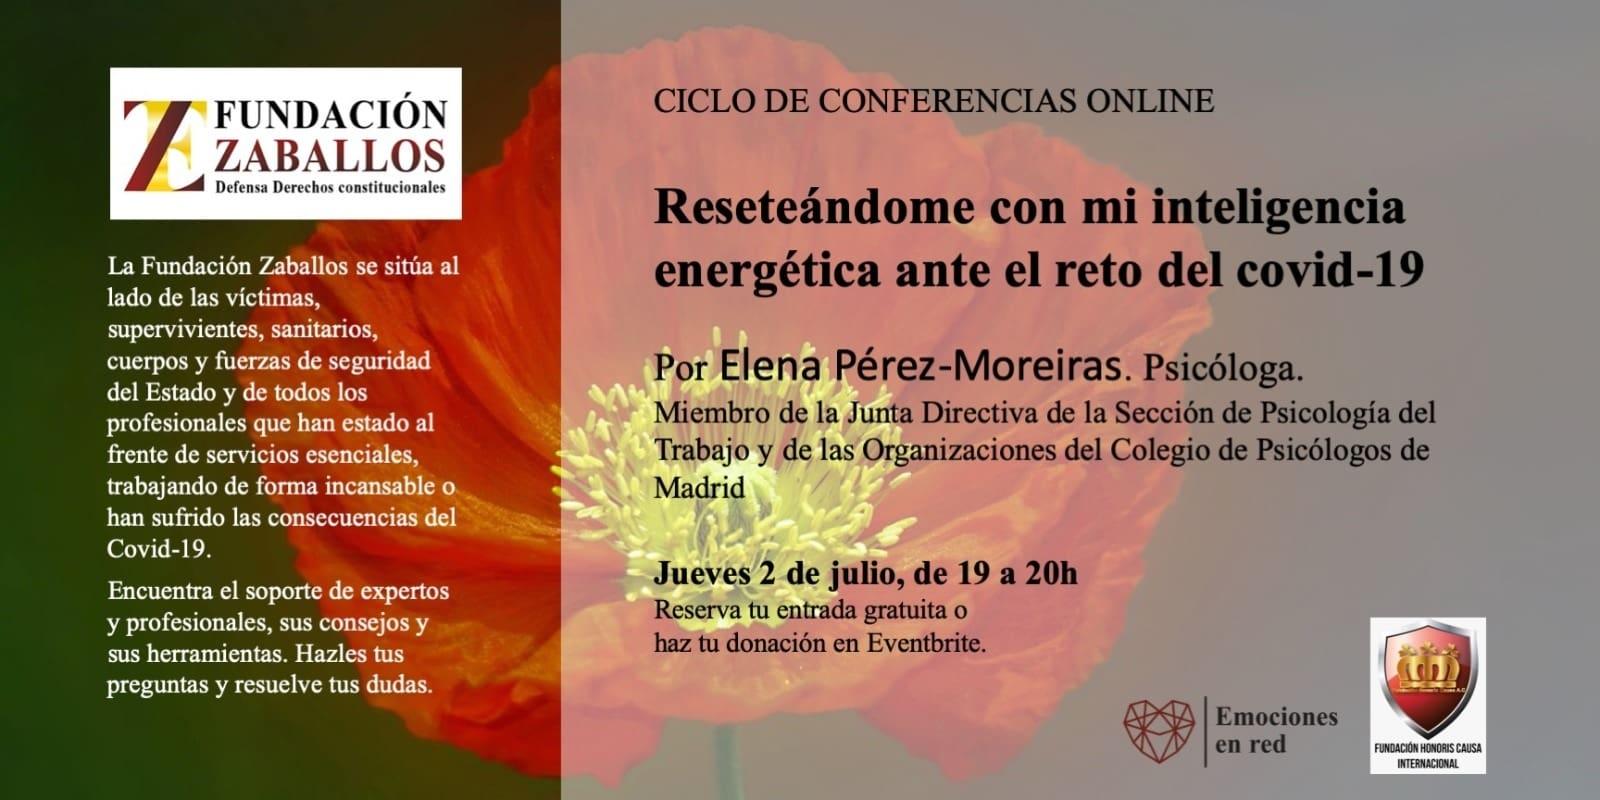 Confencia Online, Emociones en Red: «Reseteándome con mi inteligencia energética ante el reto del covid-19»